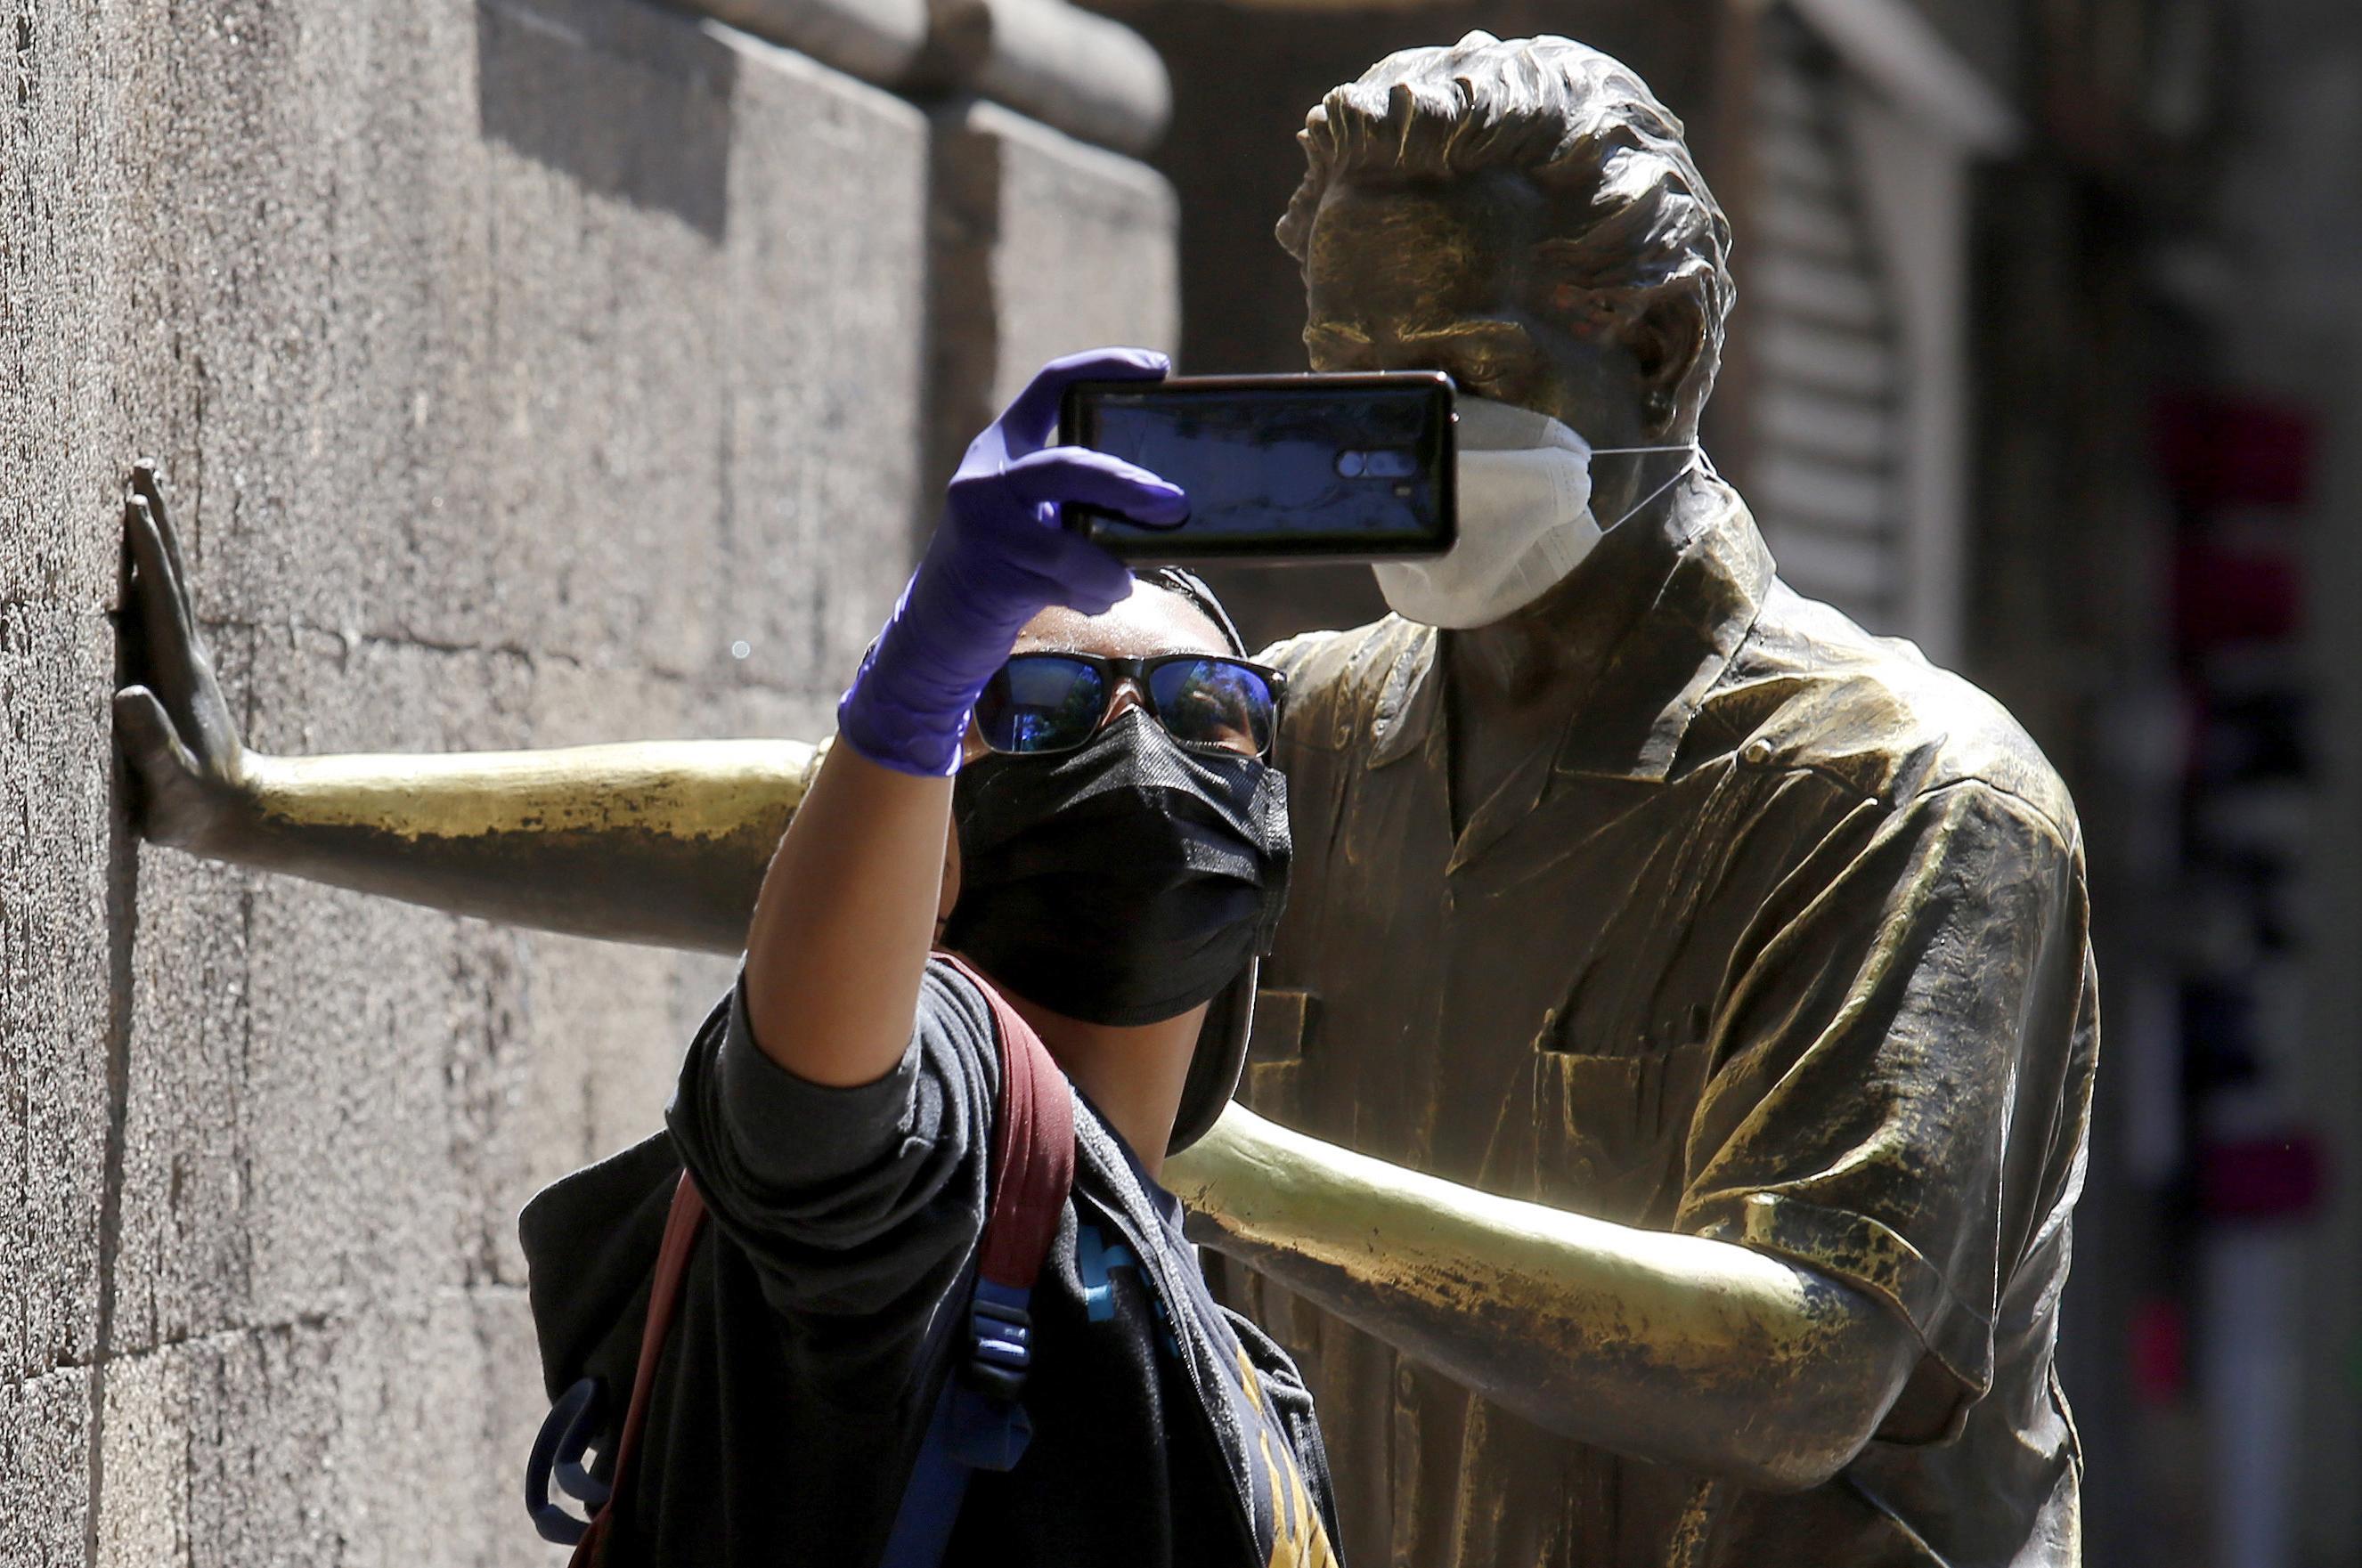 Un hombre se toma una selfie frente a una estatua del ingeniero mexicano Jorge Matute (1912-2002) con una máscara facial, durante la nueva pandemia de coronavirus COVID-19, en Guadalajara, México, el 31 de marzo de 2020.